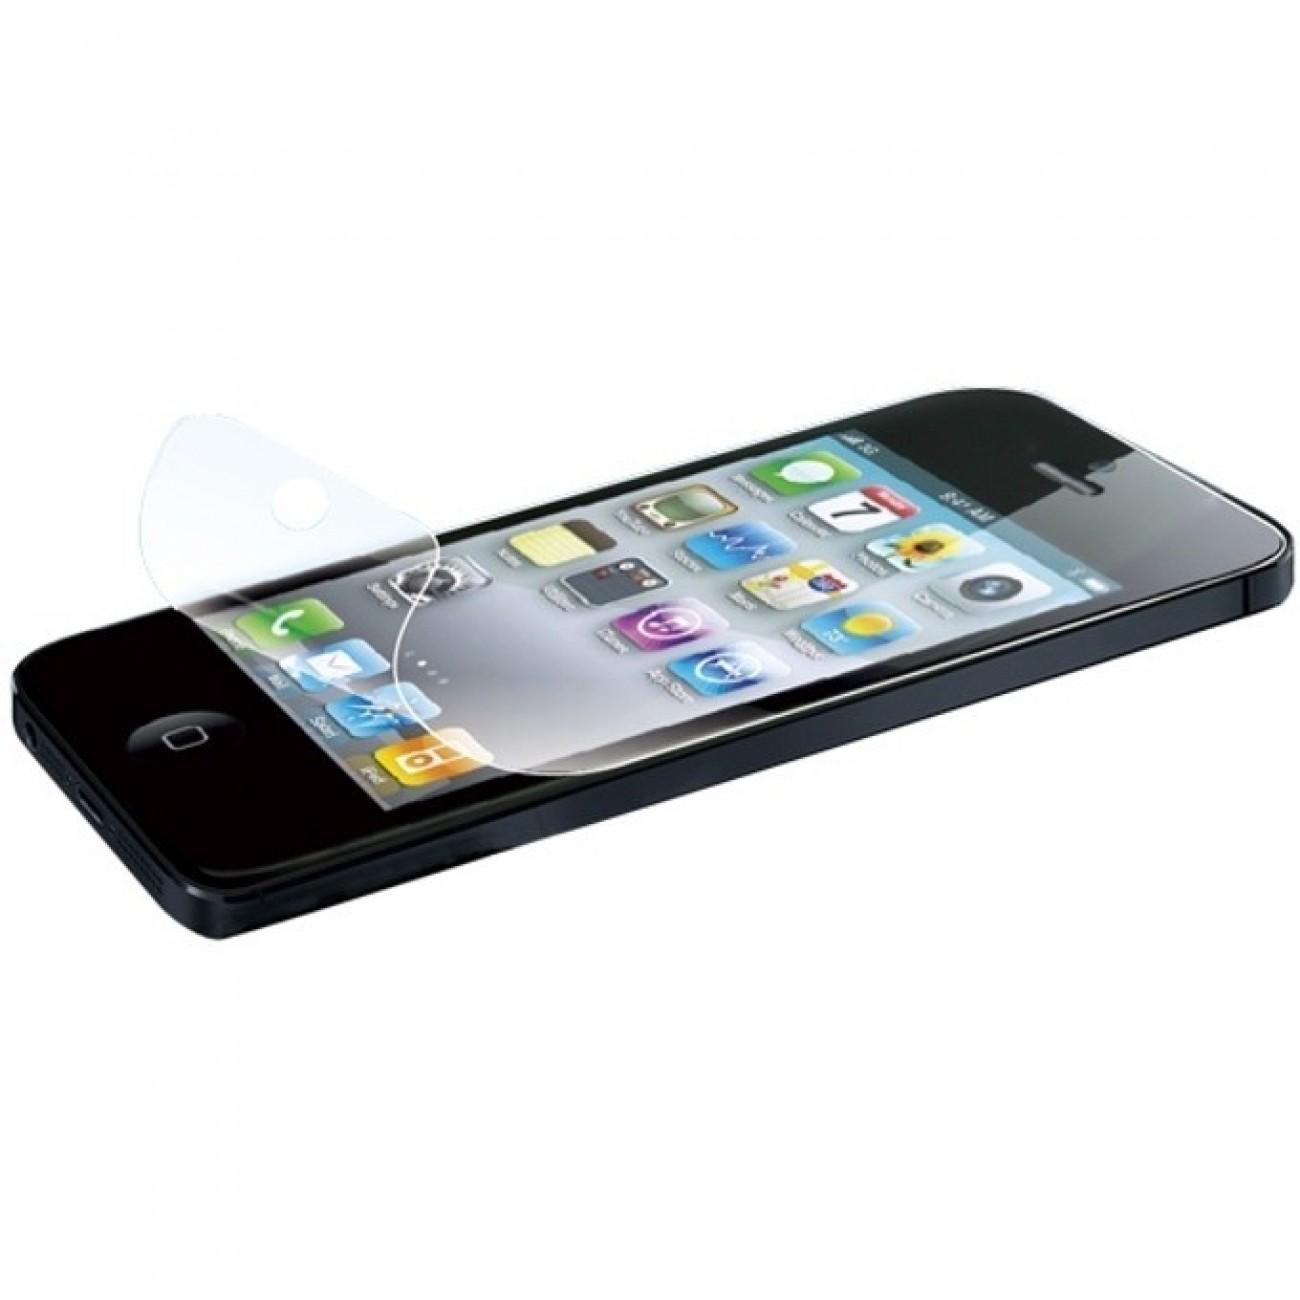 Протектор от закалено стъкло/Tempered Glass/, LogiLink AA0040, за iPhone 5, черен в Защитно фолио -  | Alleop